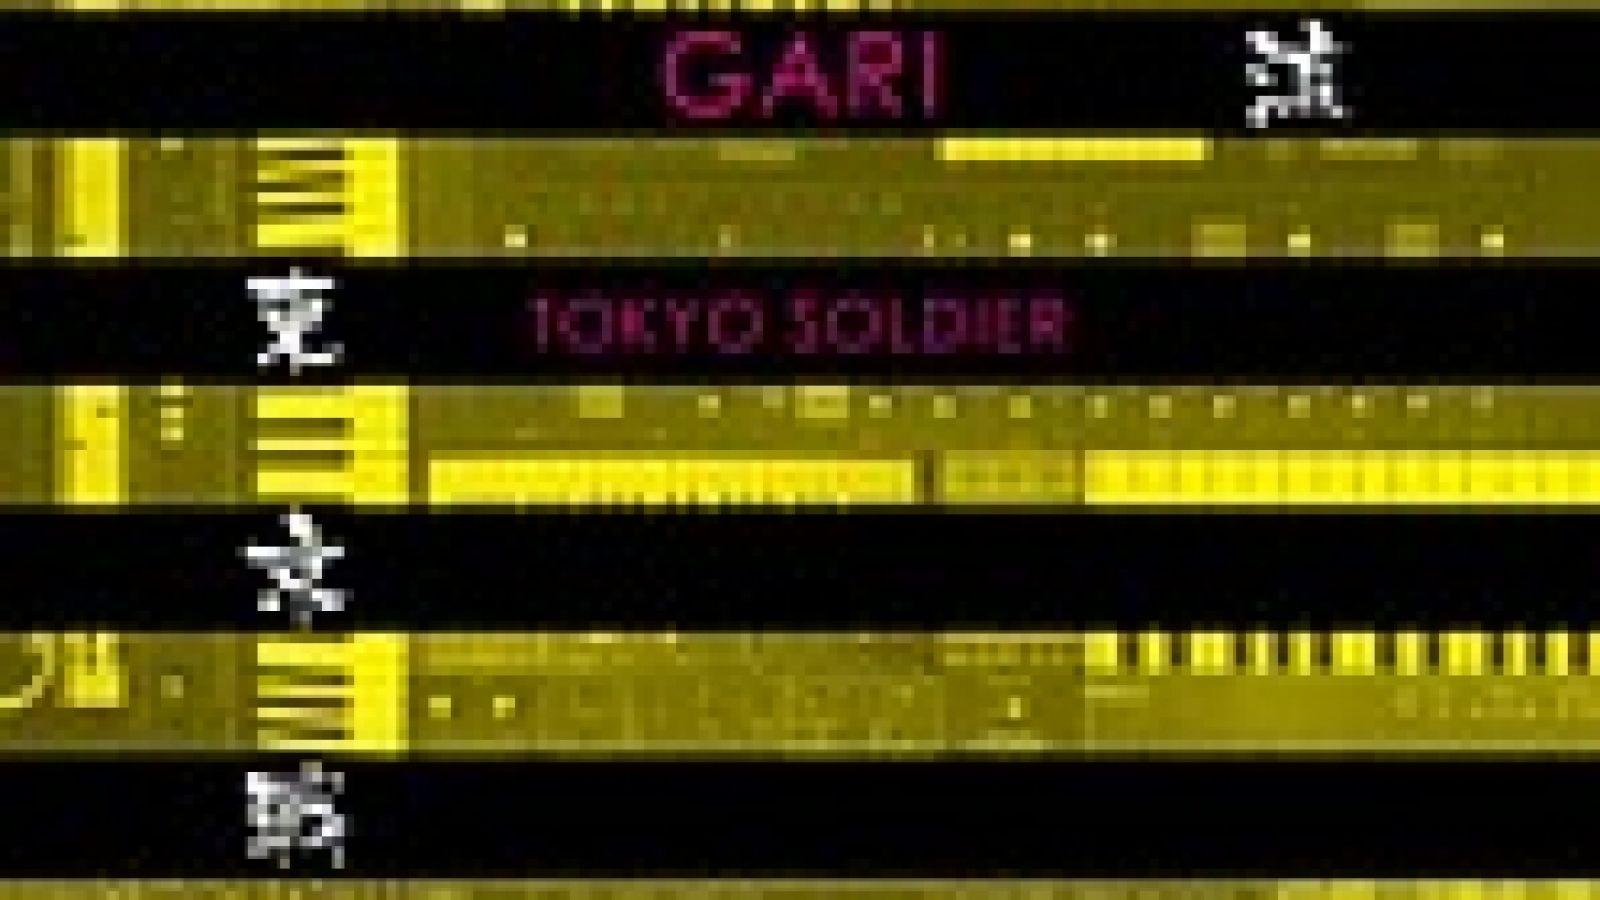 GARI: Eine neues Mini-Album und ihre Frankreich-Gigs © Rui Hashimoto - Eleven-Thirtyeight co.,ltd.